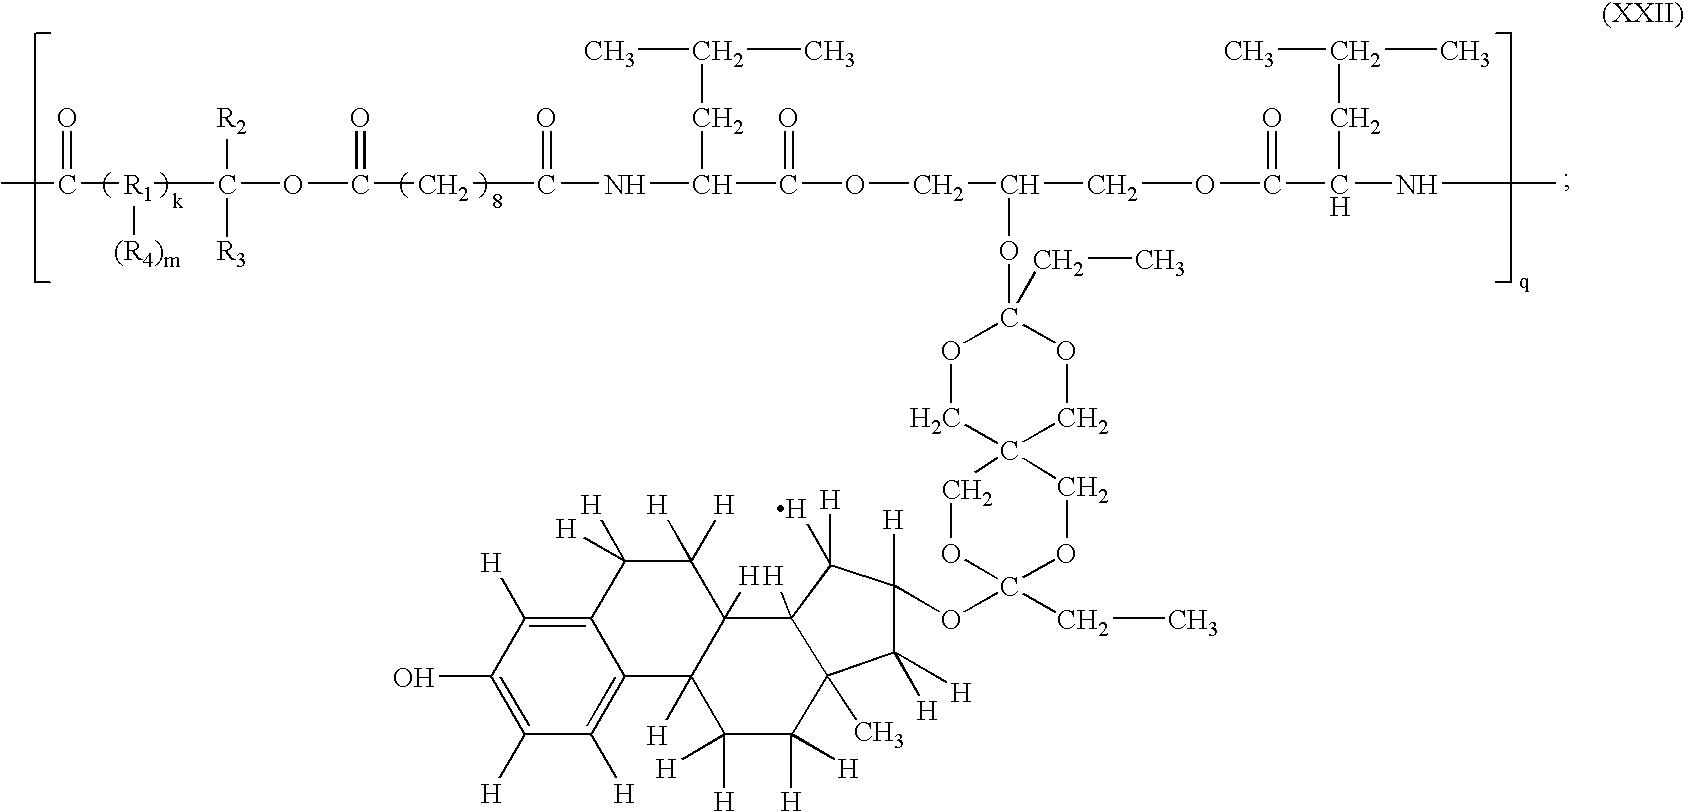 Figure US07361726-20080422-C00022